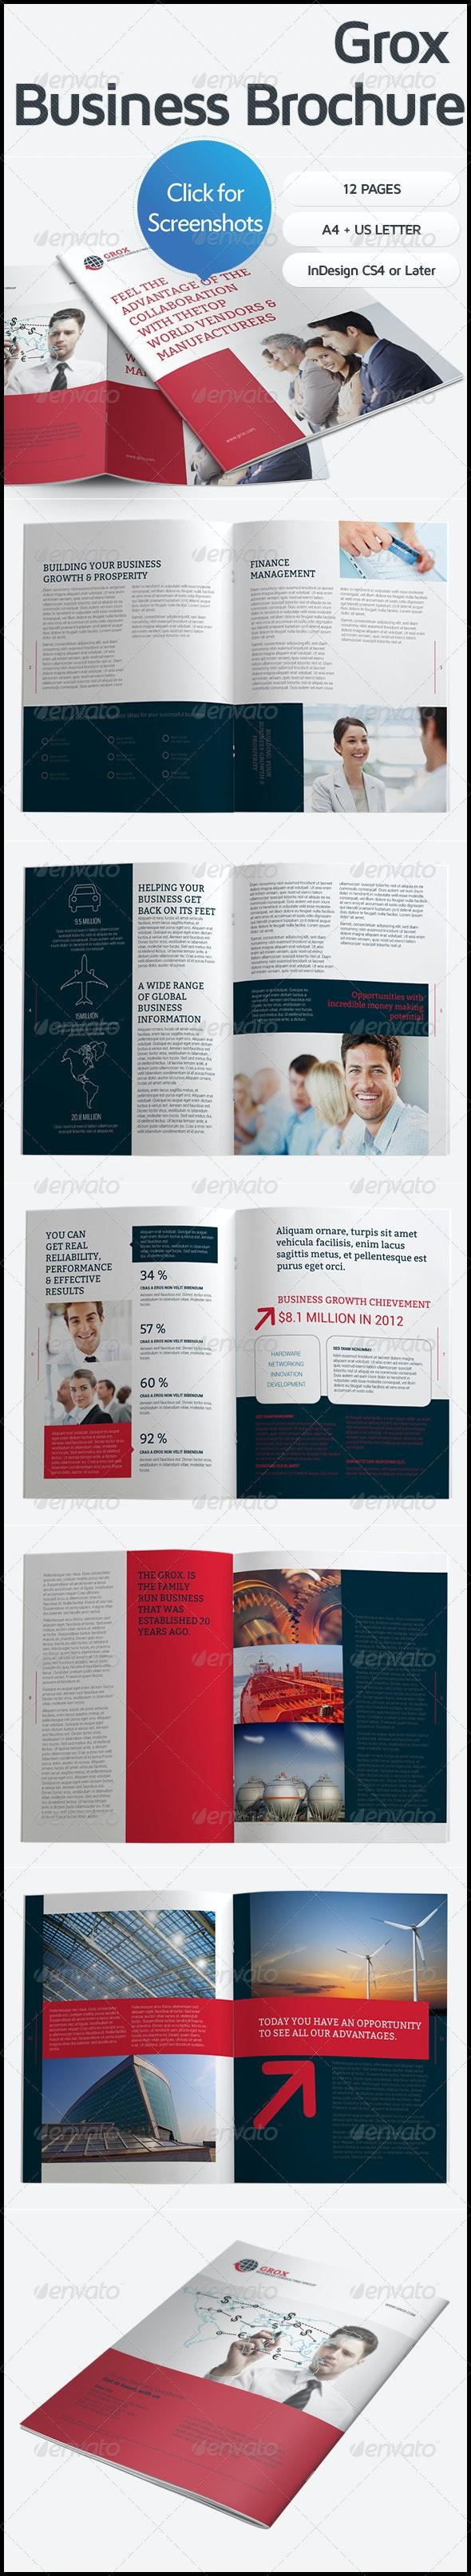 Grox Business Brochure - Corporate Brochures